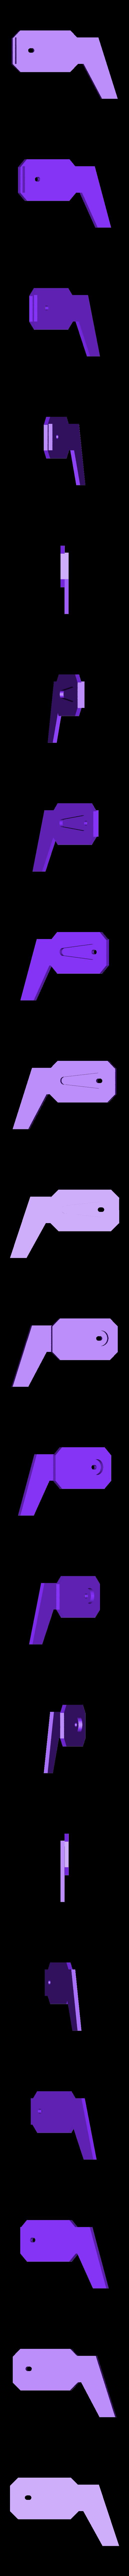 arm.stl Télécharger fichier STL gratuit Bras et jambe asservis de base pour robots simples • Modèle pour impression 3D, indigo4